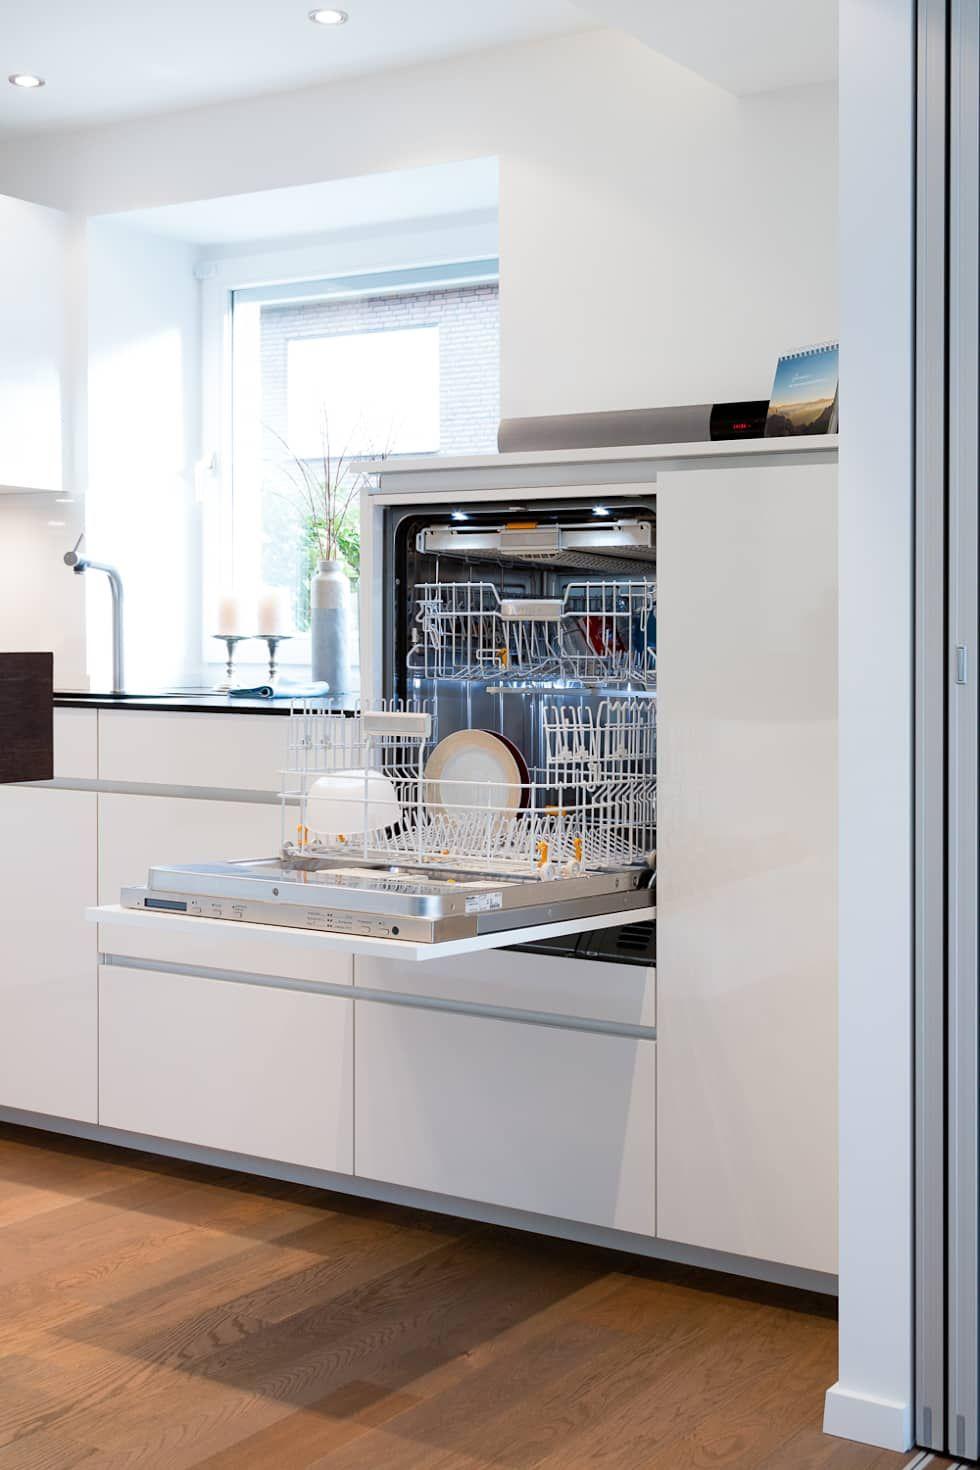 Kleine wohnideen wohnideen interior design einrichtungsideen u bilder  keuken